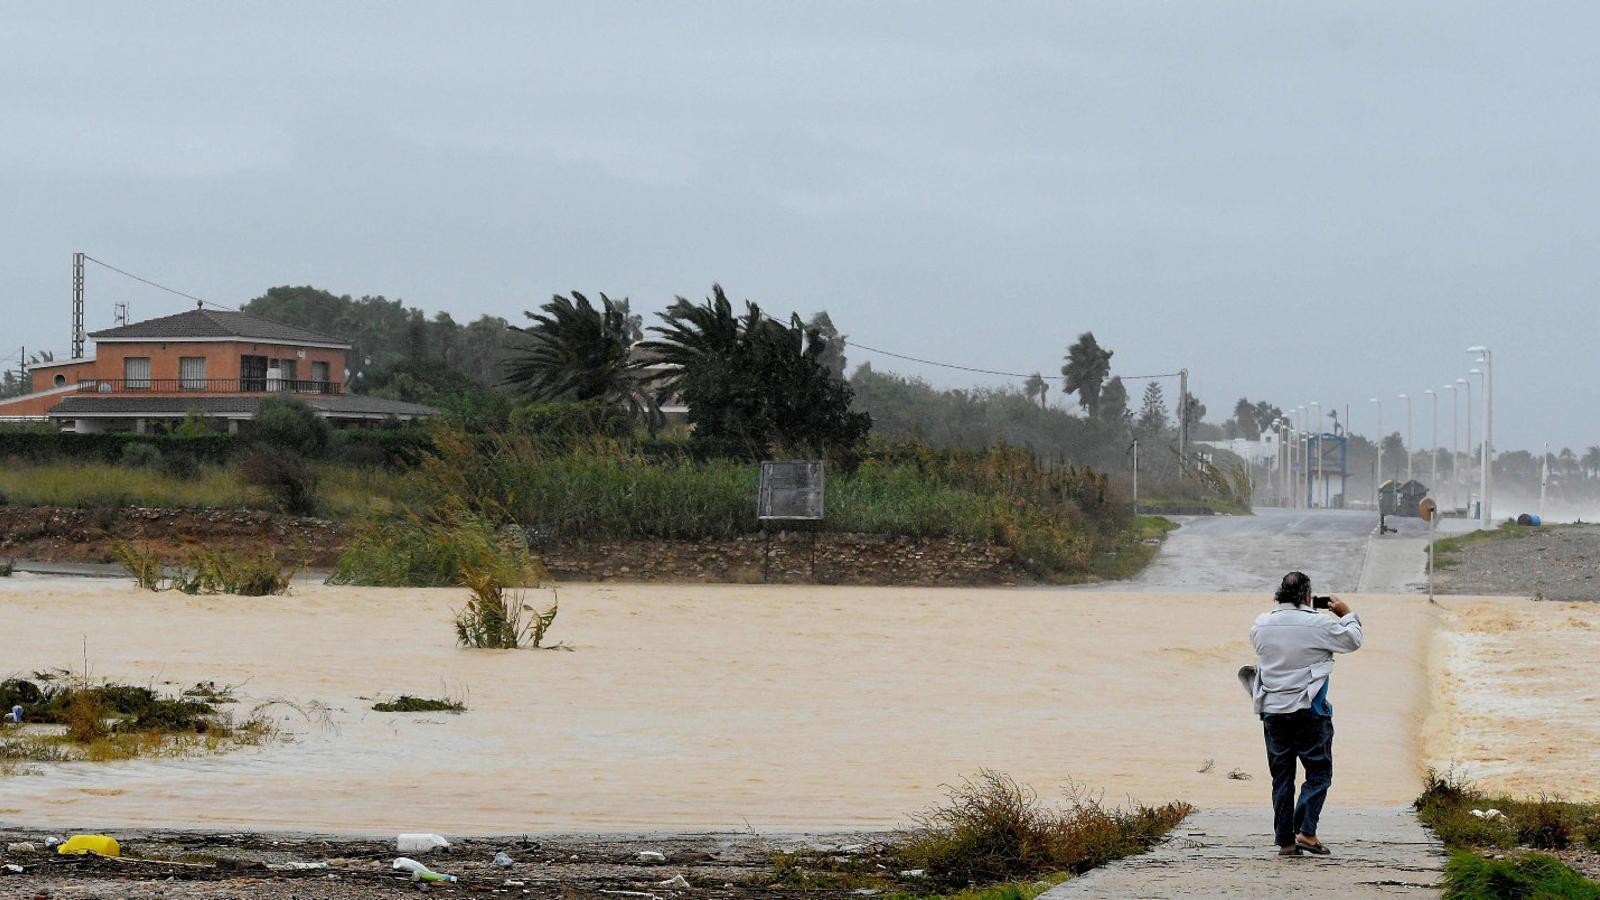 Un home fent una fotografia d'un carrer inundat a Benicarló, a la província de Castelló.